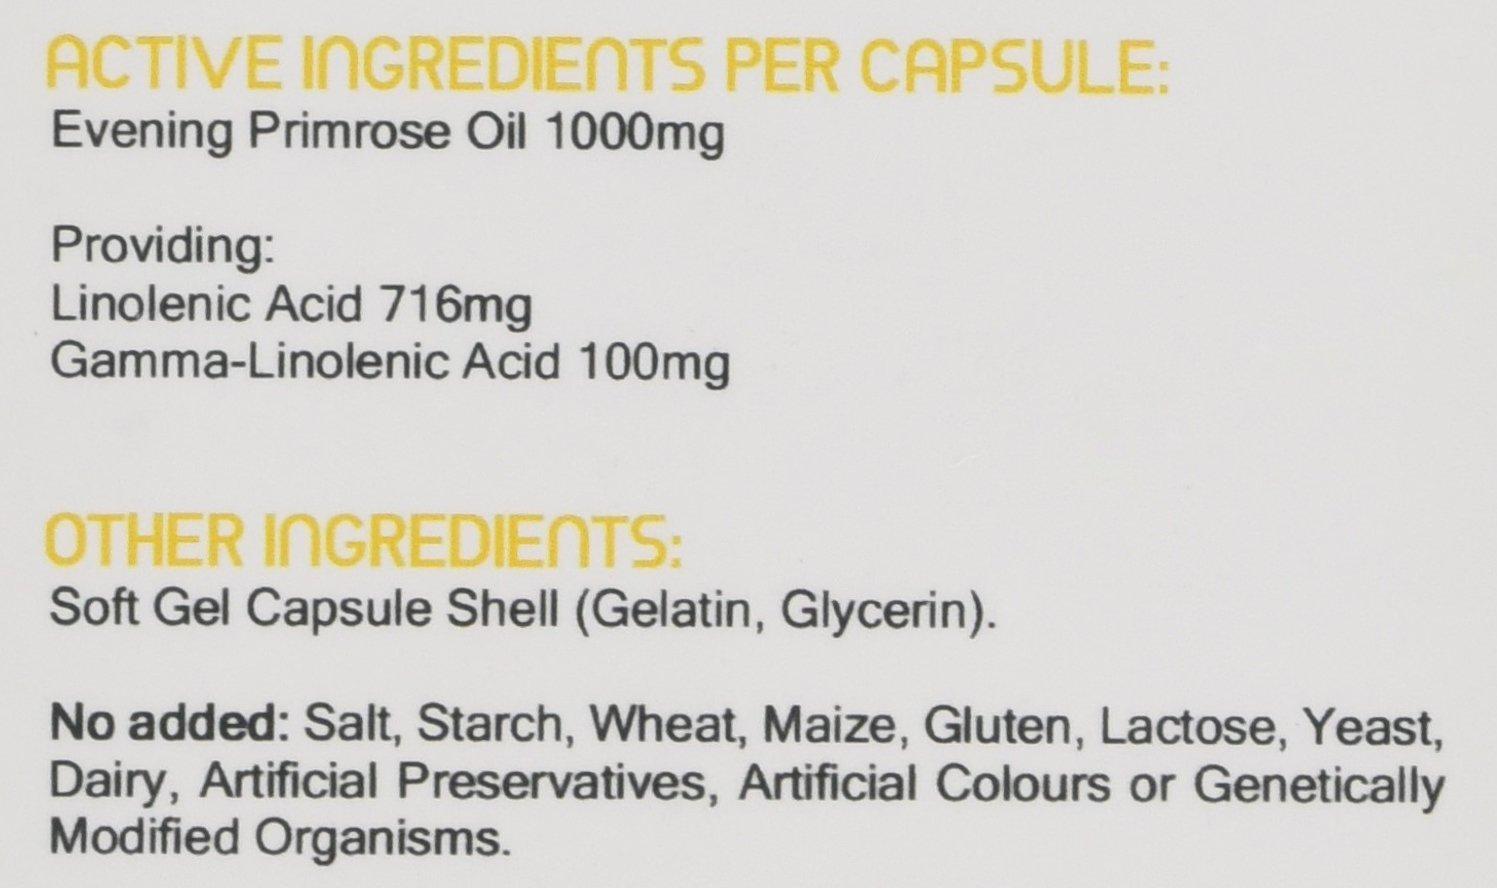 Aceite de prímula de noche de Prowise 1000mg 90 cápsulas - Apoya niveles equilibrados de la hormona, salud menstrual en las mujeres - Reino Unido ...